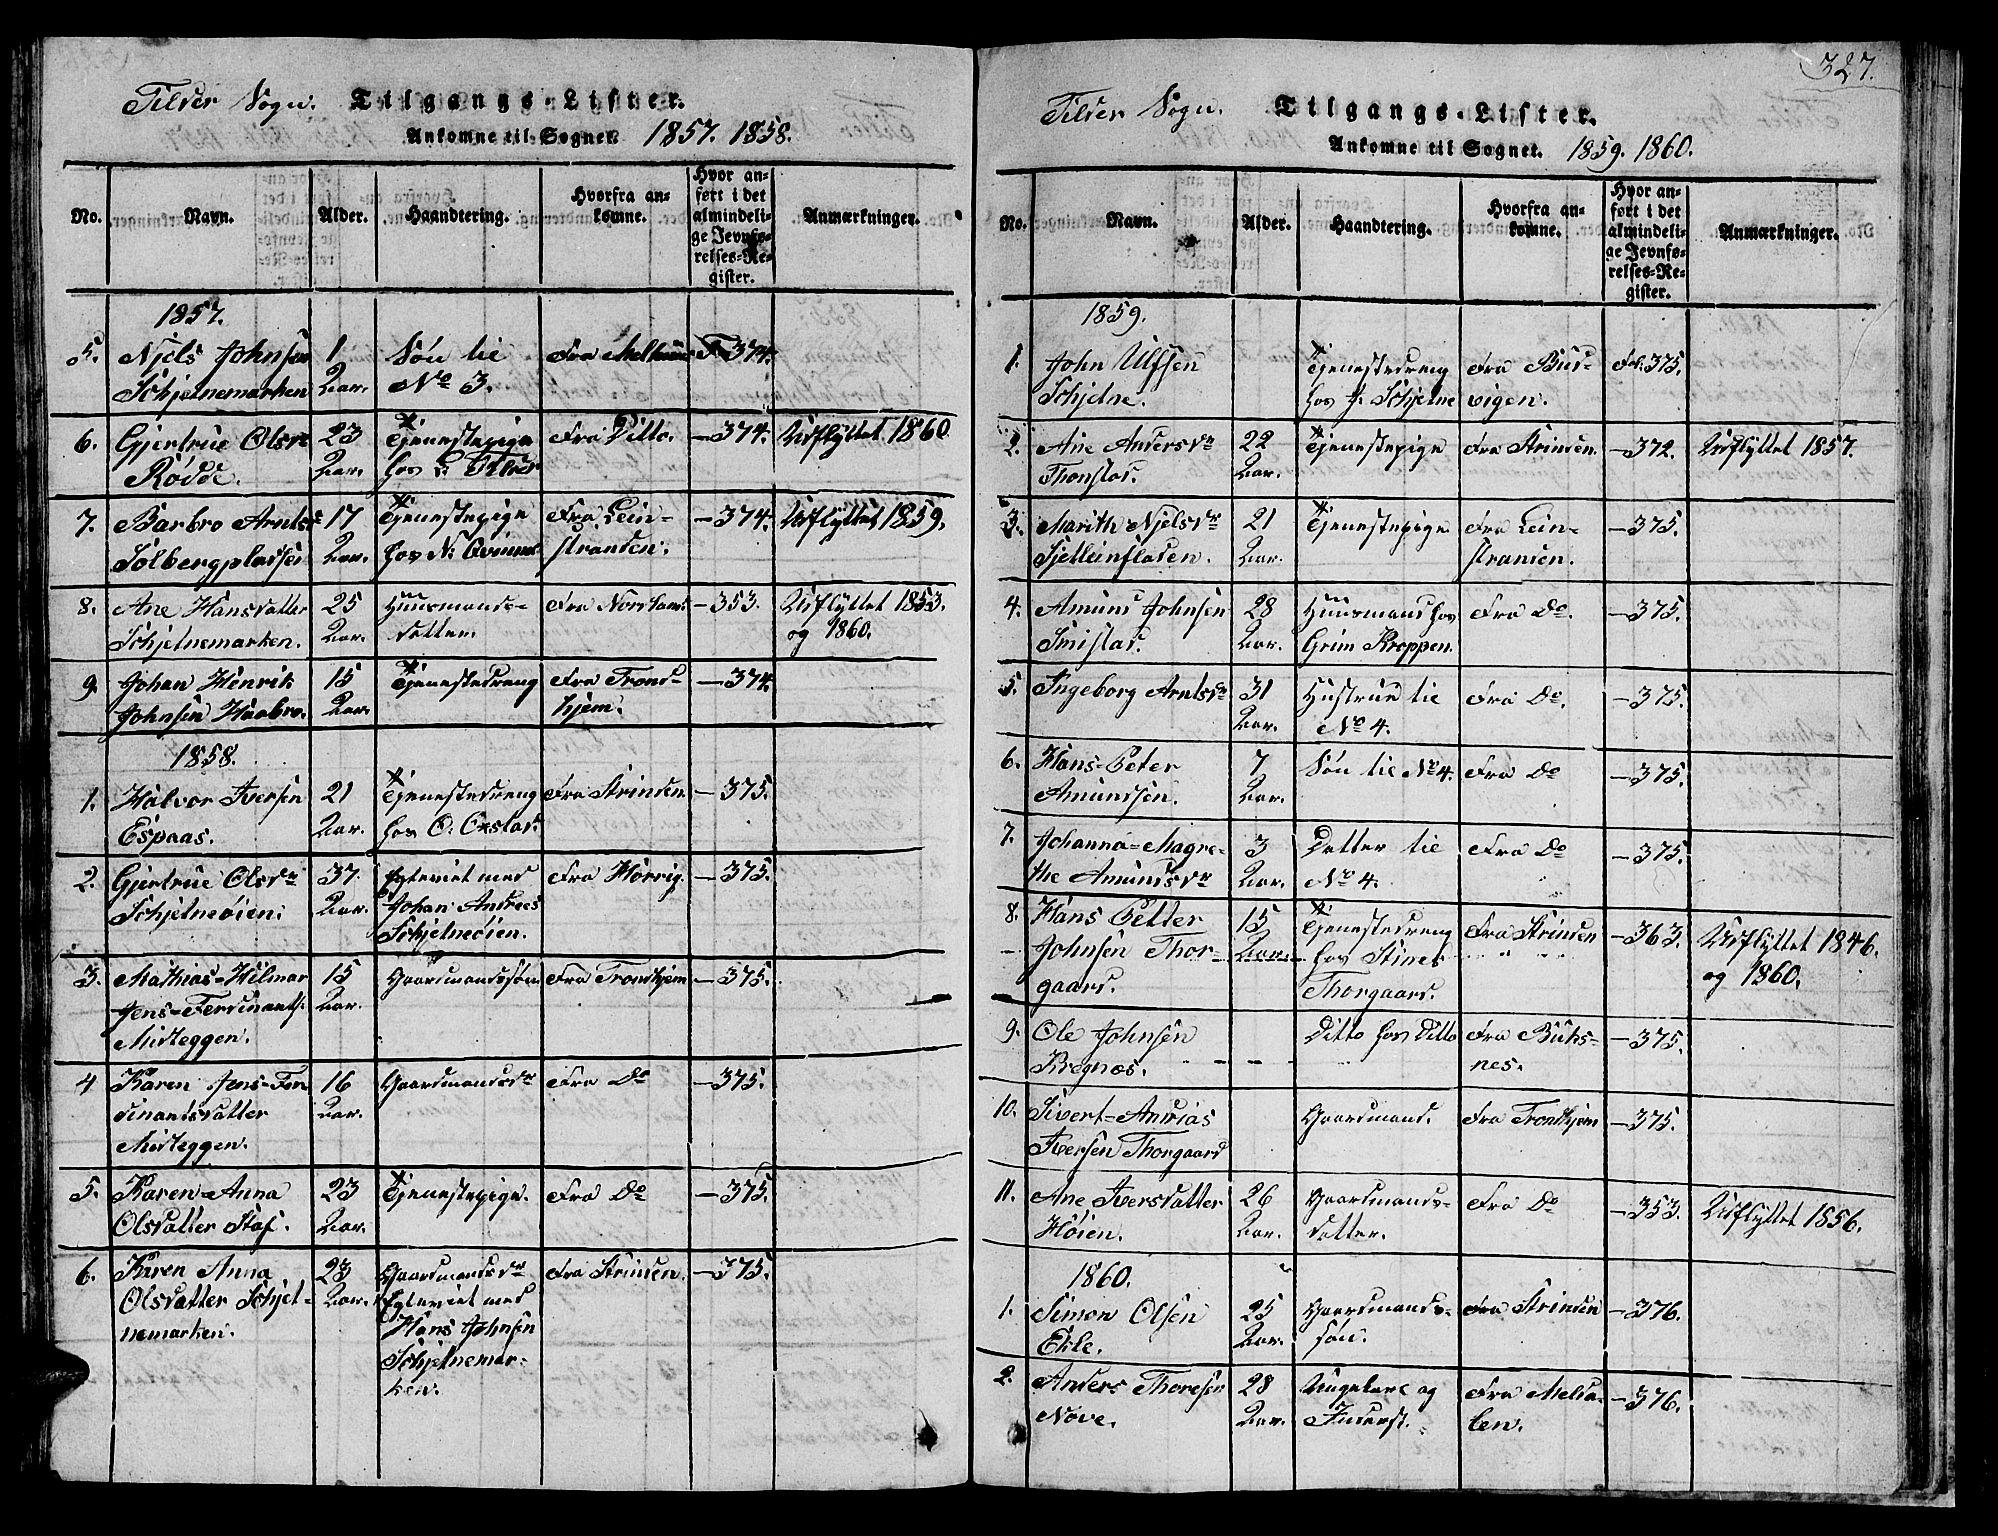 SAT, Ministerialprotokoller, klokkerbøker og fødselsregistre - Sør-Trøndelag, 621/L0458: Klokkerbok nr. 621C01, 1816-1865, s. 327